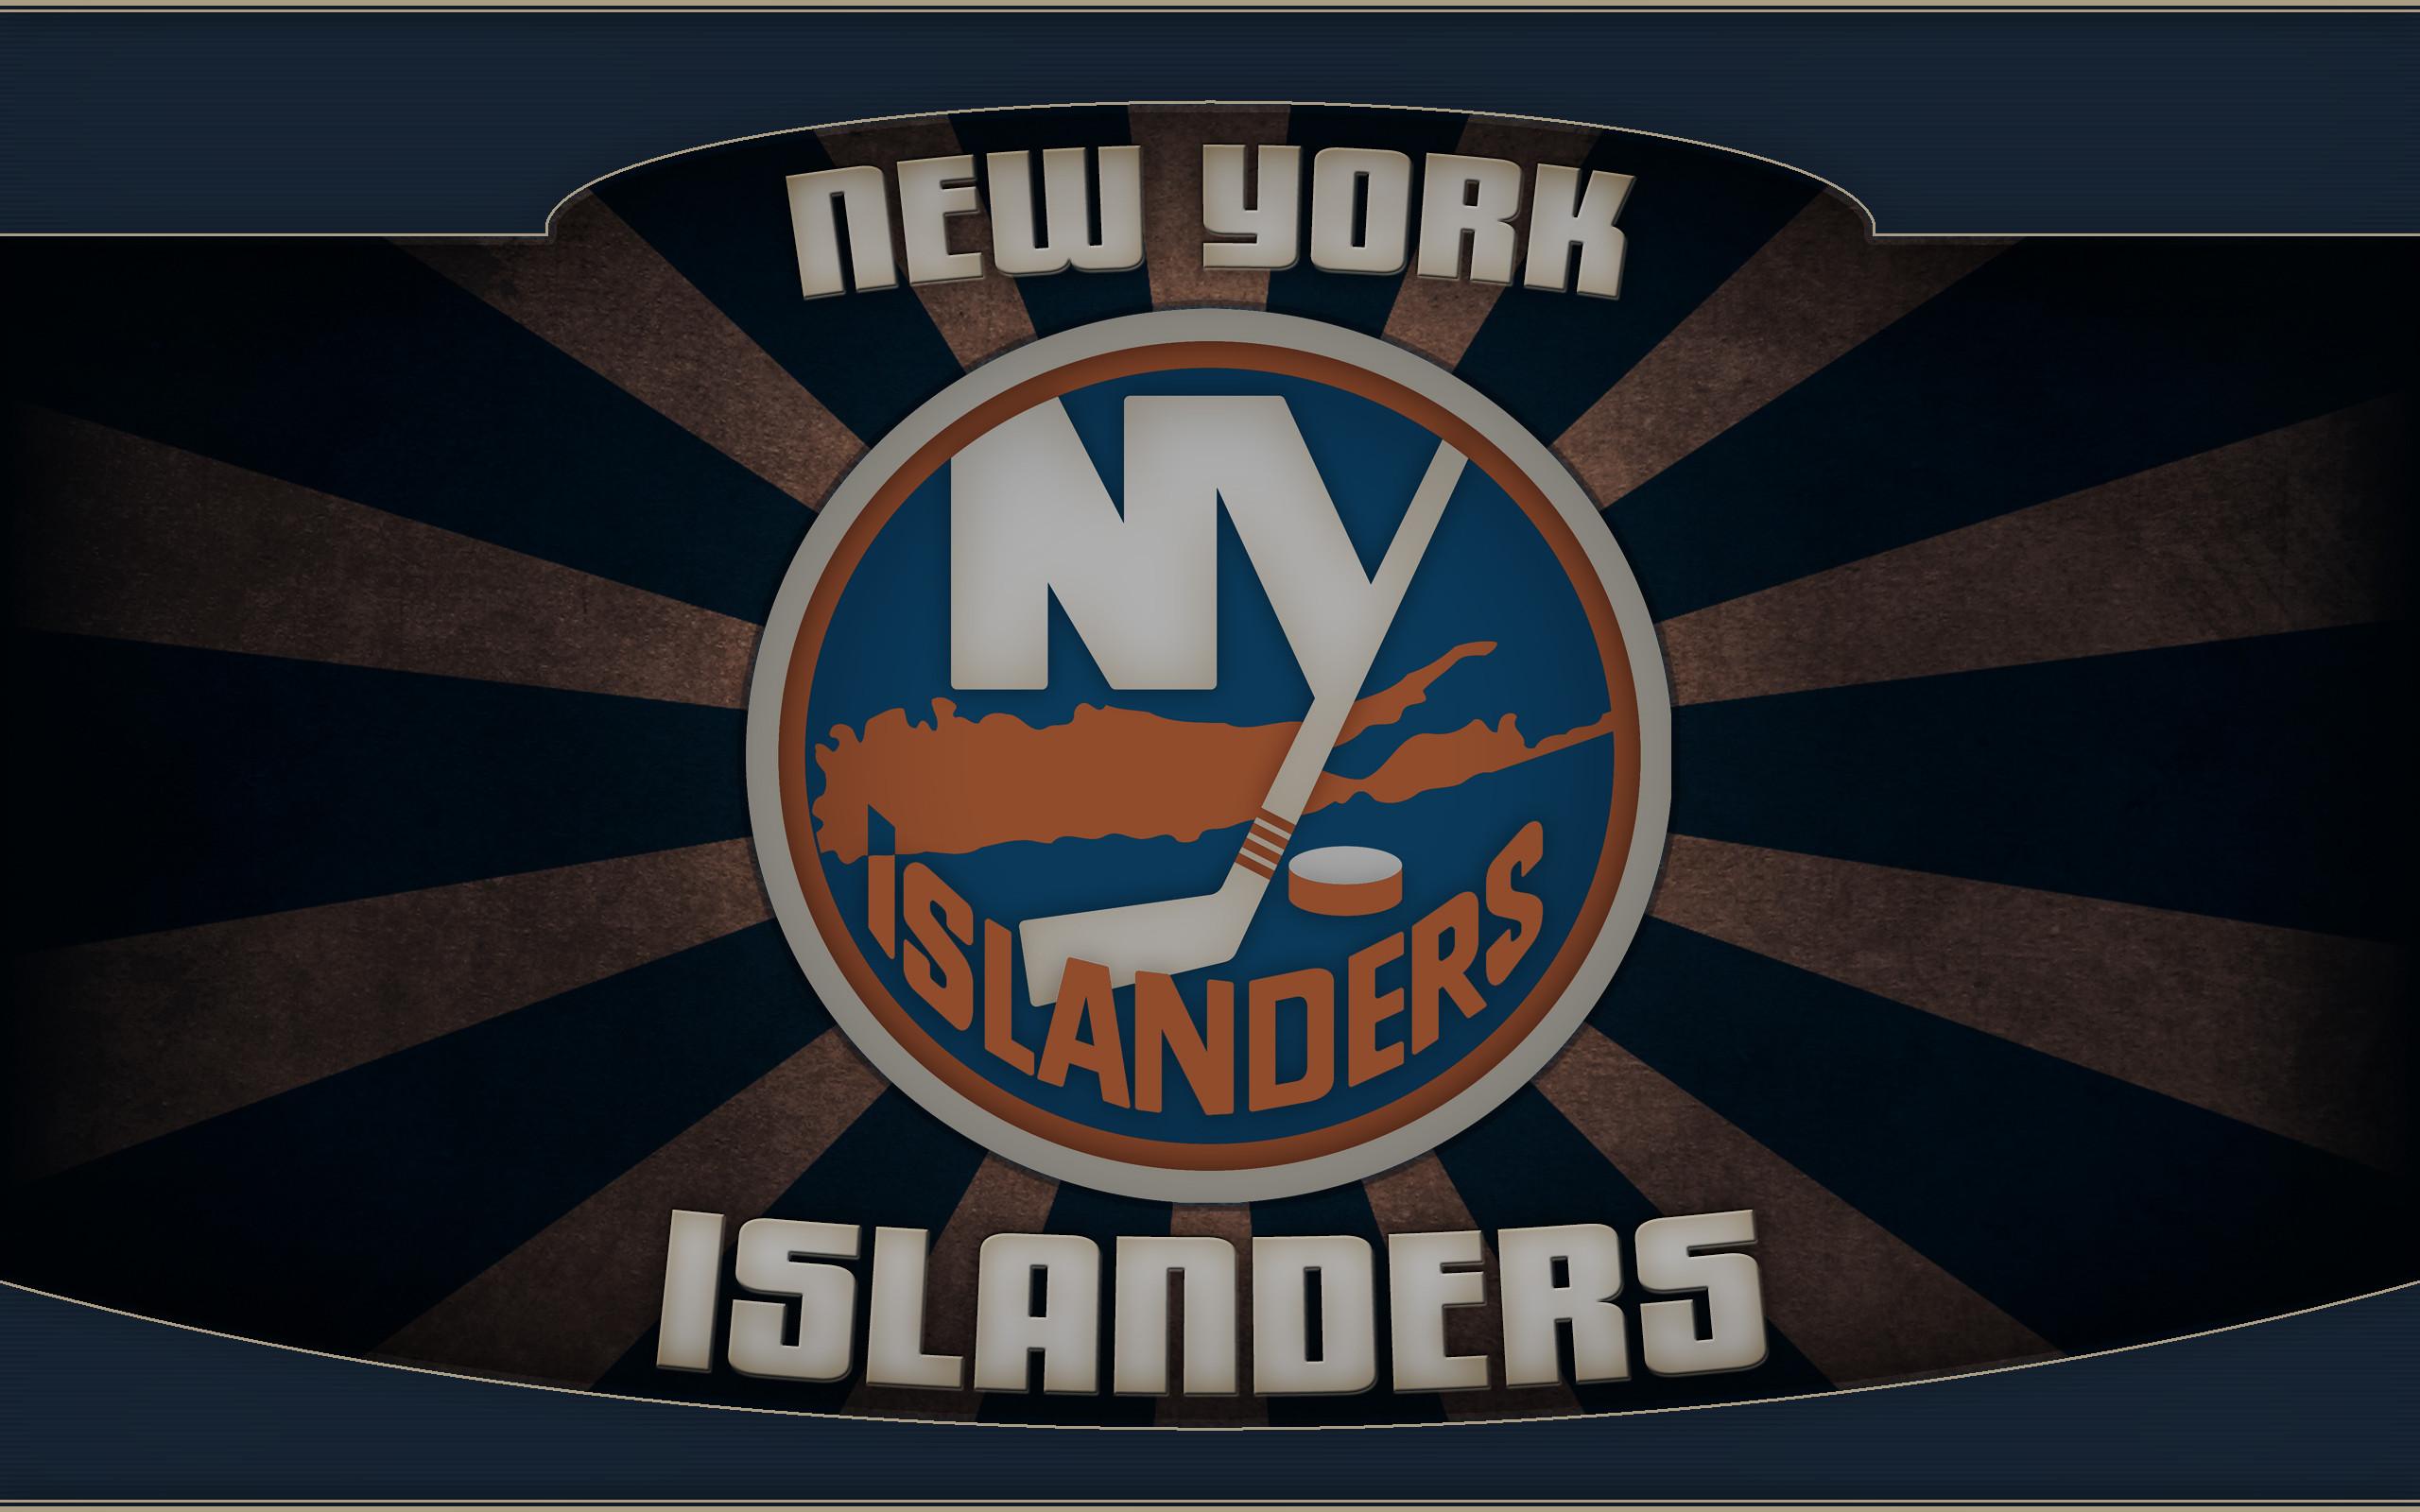 New York Islanders Memes